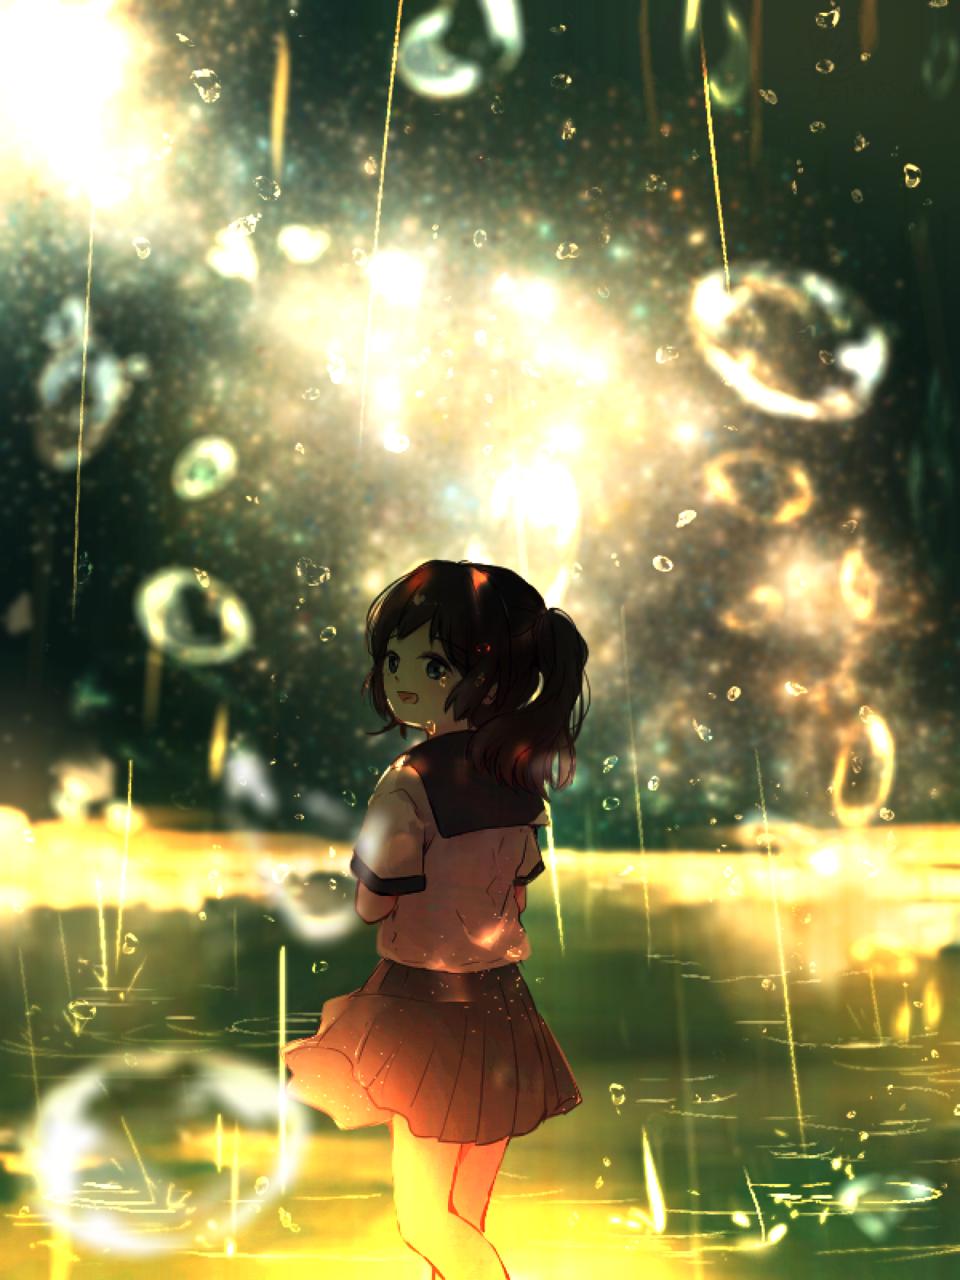 オレンジの涙 Illust of ちびろぅё!!あっとまきゅん ARTstreet_Ranking background 泡 sea girl 水滴